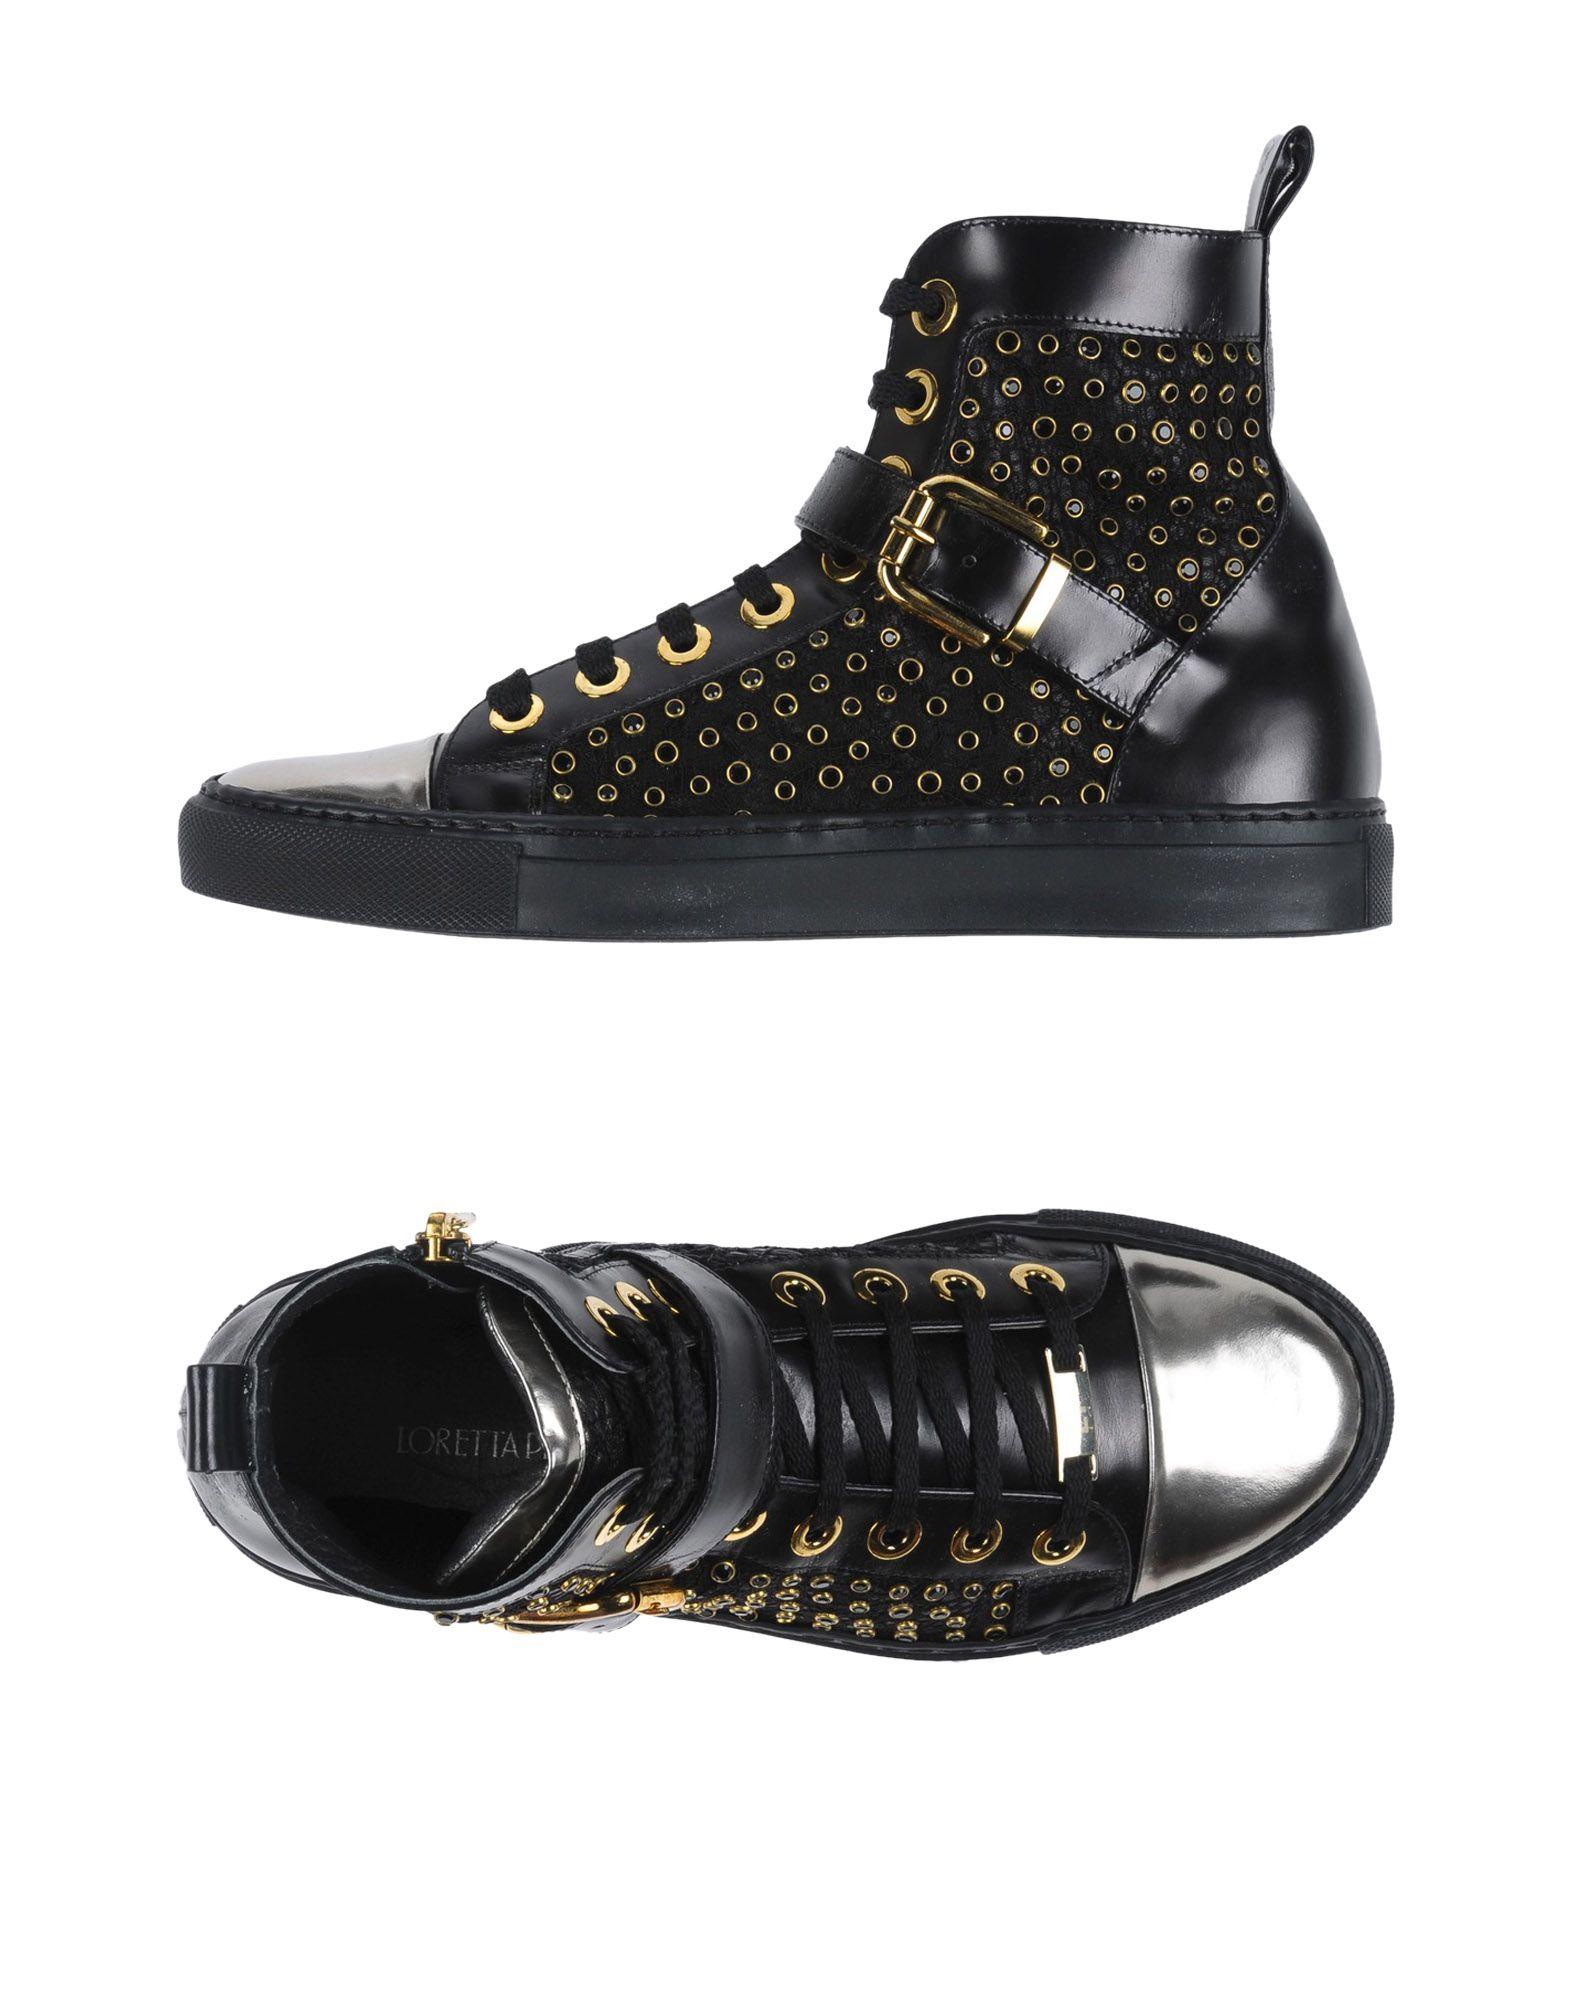 Stilvolle billige Schuhe Loretta Pettinari Sneakers Damen  11254437GX 11254437GX 11254437GX 2356d4